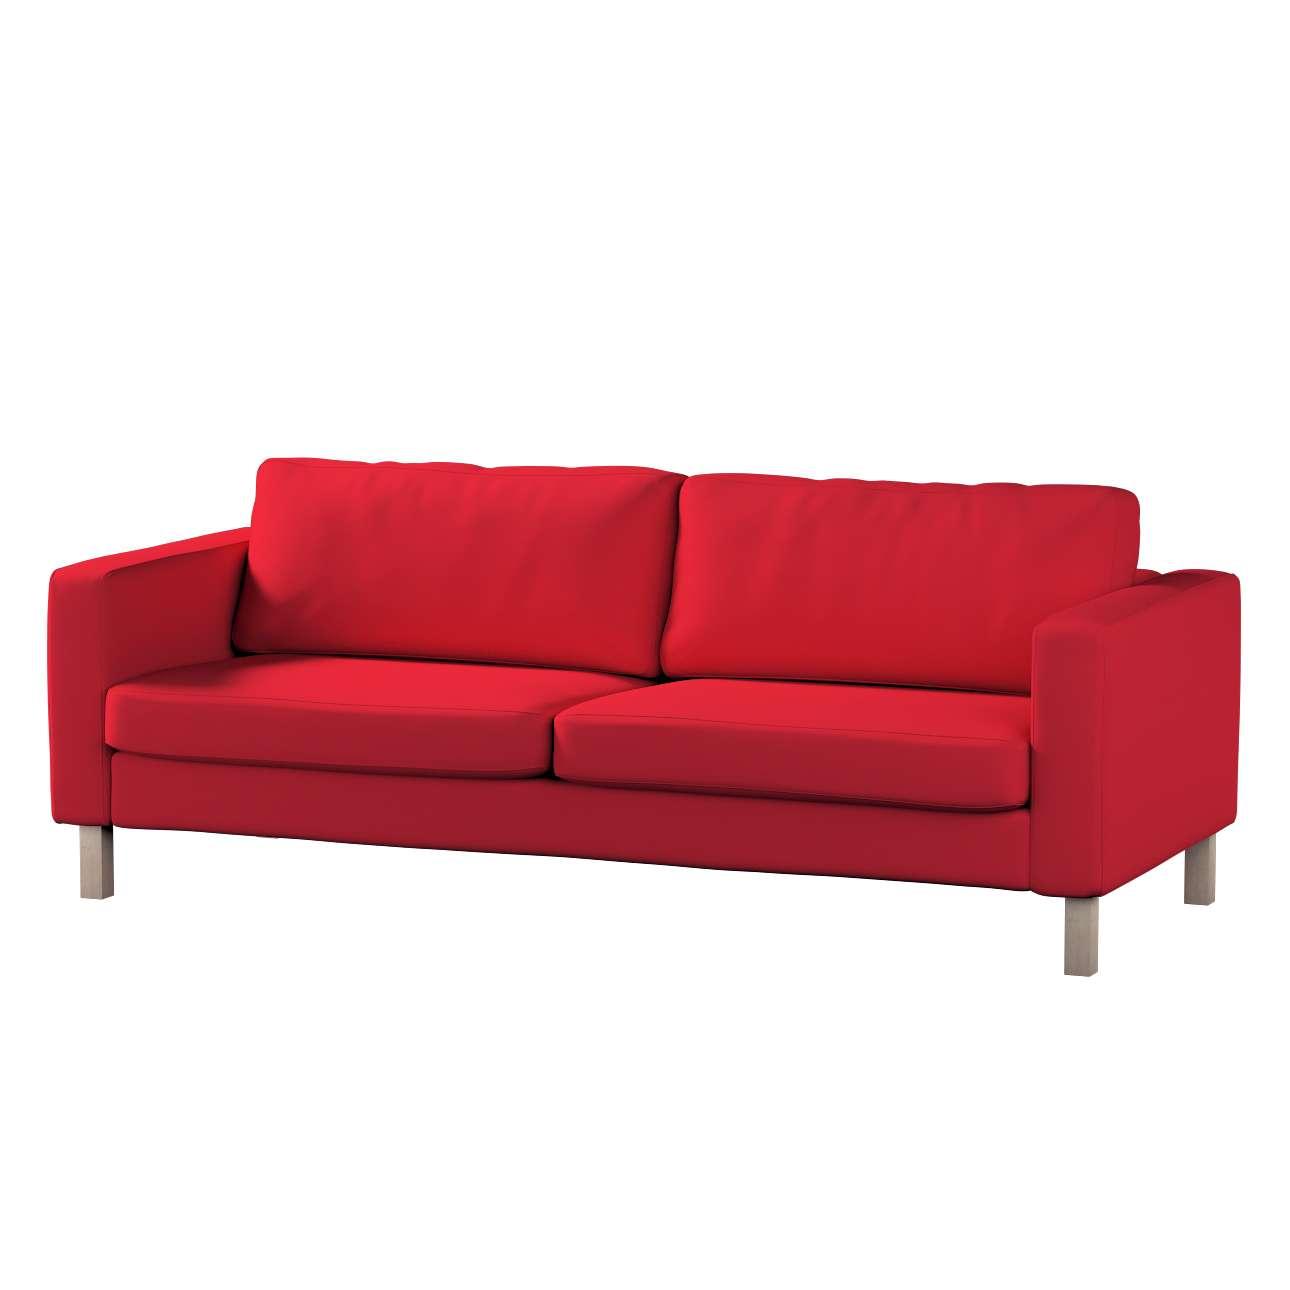 Pokrowiec na sofę Karlstad rozkładaną, krótki Sofa Karlstad 3-os rozkładana w kolekcji Cotton Panama, tkanina: 702-04